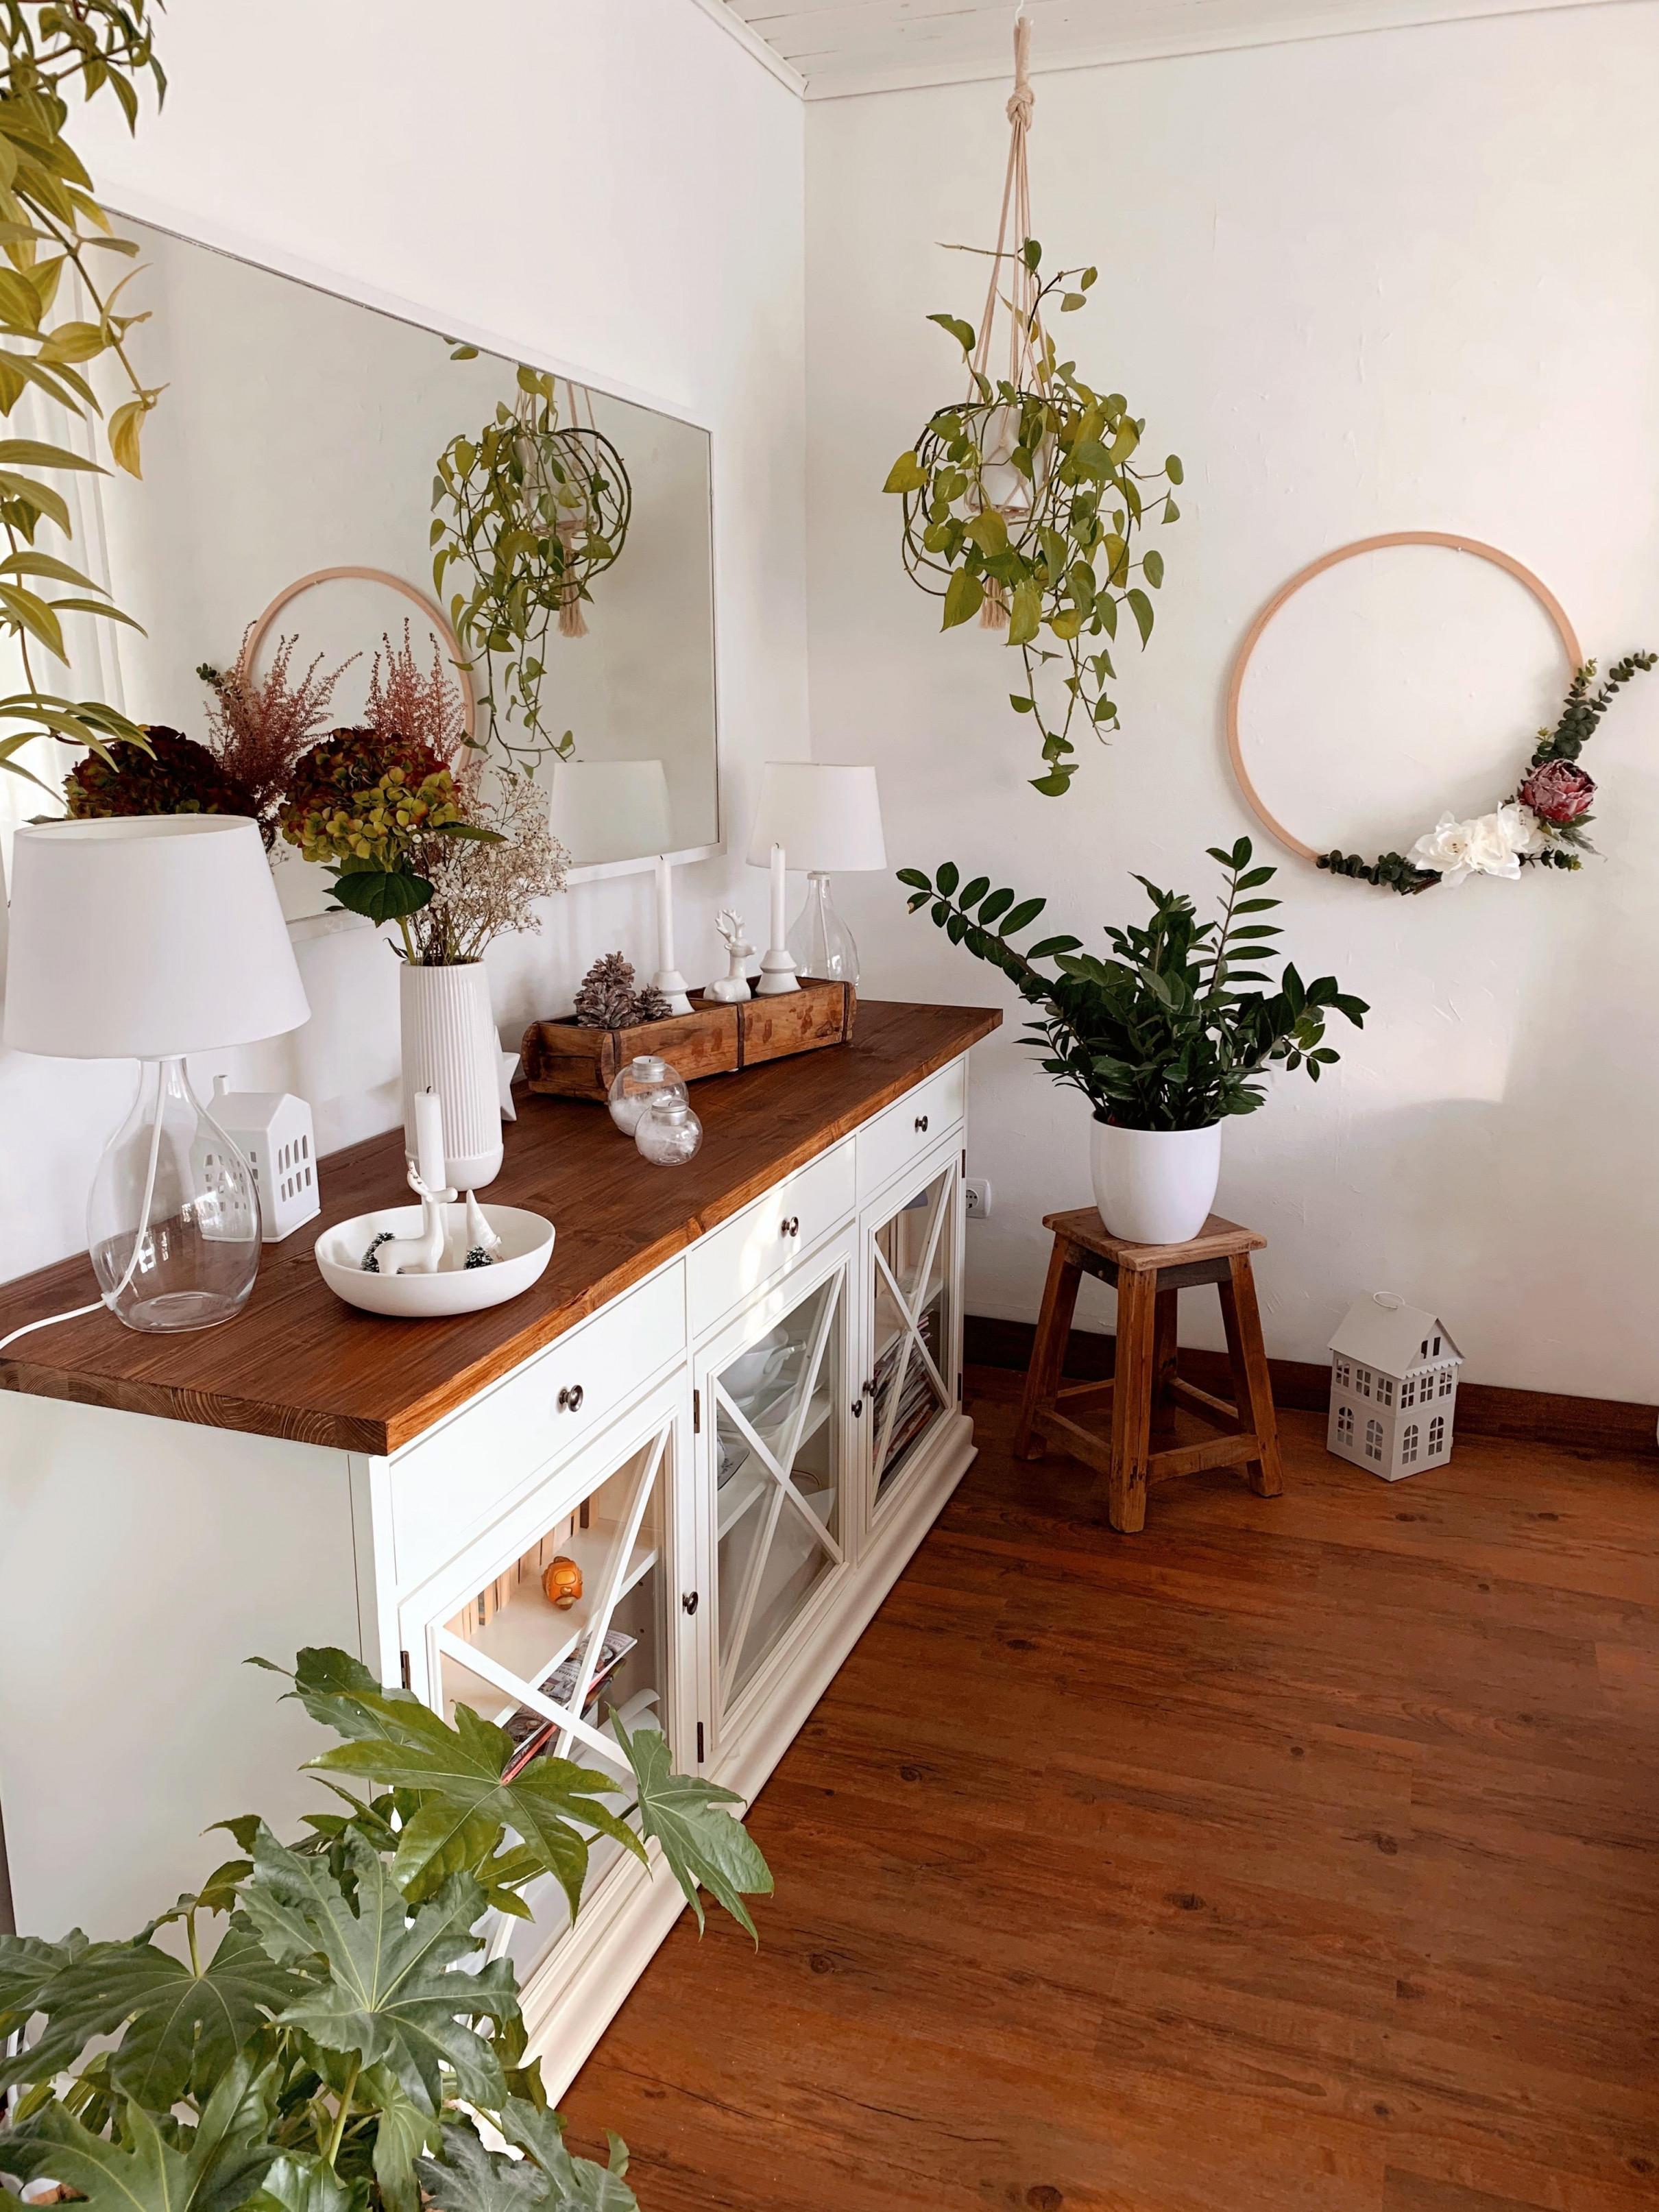 Wohnzimmer Landhaus Deko – Caseconrad von Deko Wohnzimmer Landhausstil Photo